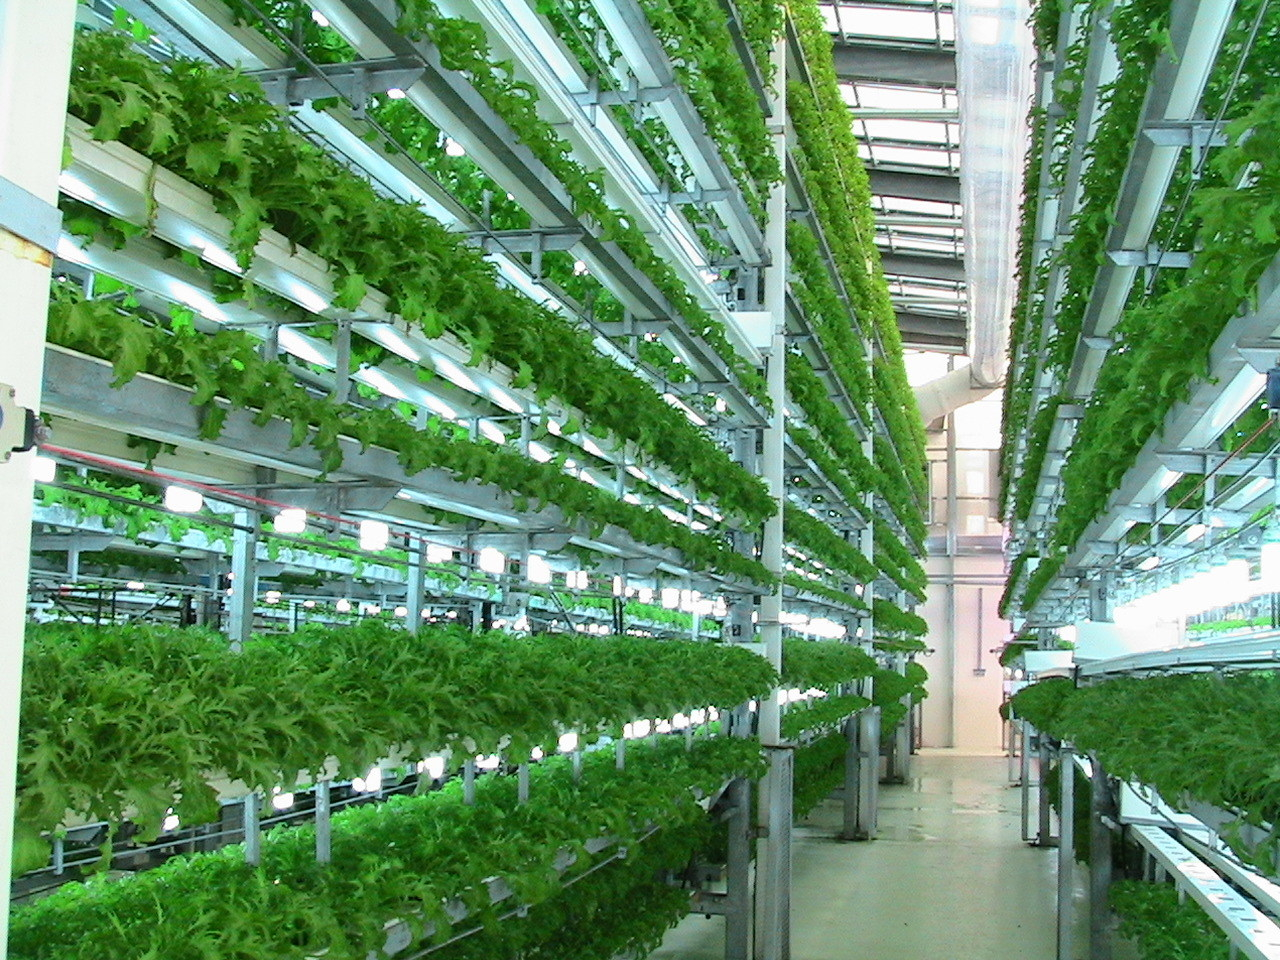 Выращивание зелени в теплице зимой: секреты для 68